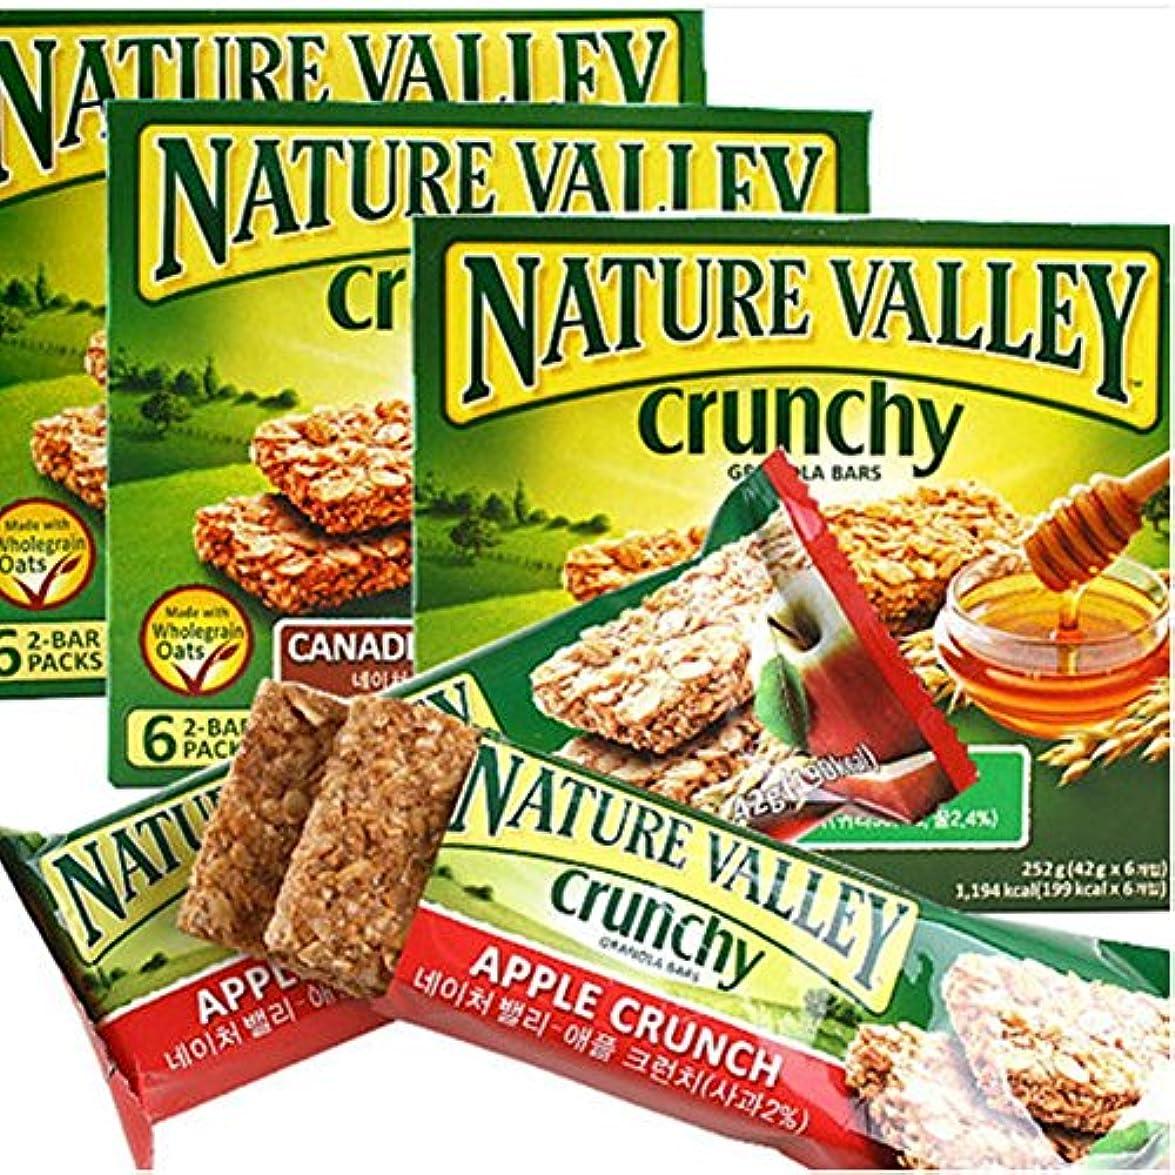 サミュエル従事した内部[ネイチャーバレー/Nature Valley] CANADIAN MAPLE SYRUP/ネイチャーバレークランチグラノーラバー42g5パックx3 Box - メープルシロップ(合計15袋)穀物バー/シリアル/栄養のバー...